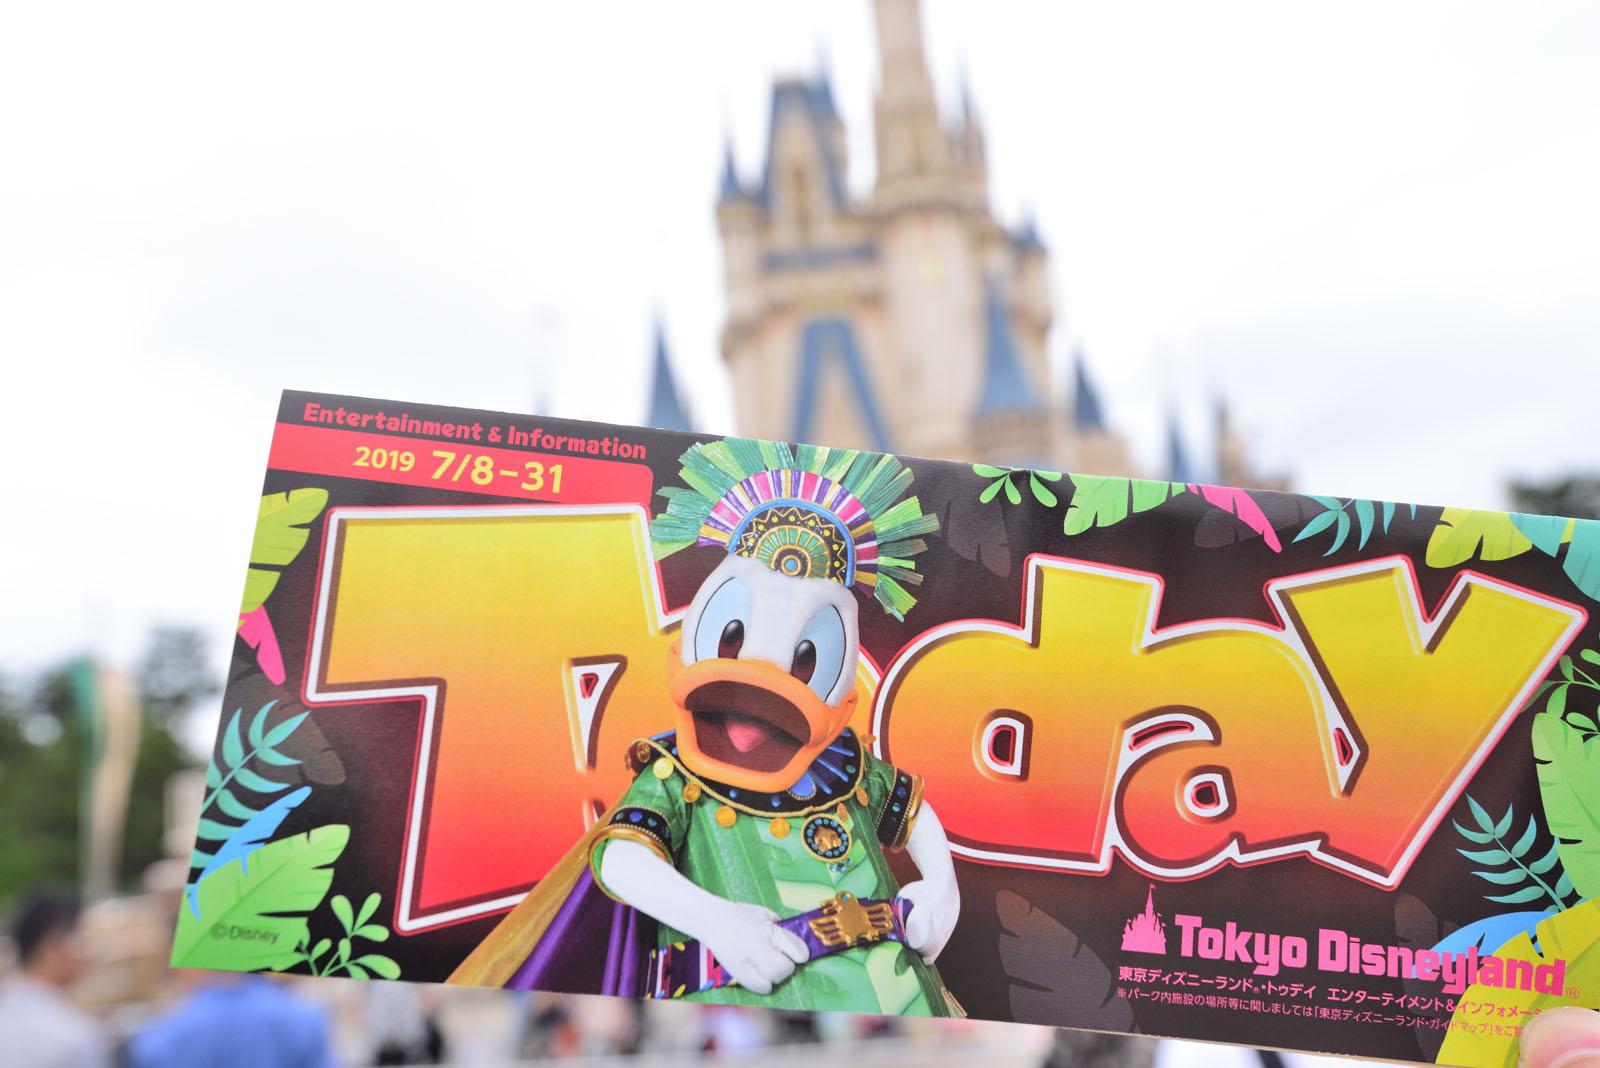 東京ディズニーランド Today 2019年7月8日~7月31日 ドナルドのホット・ジャングル・サマー2019 ドナルド